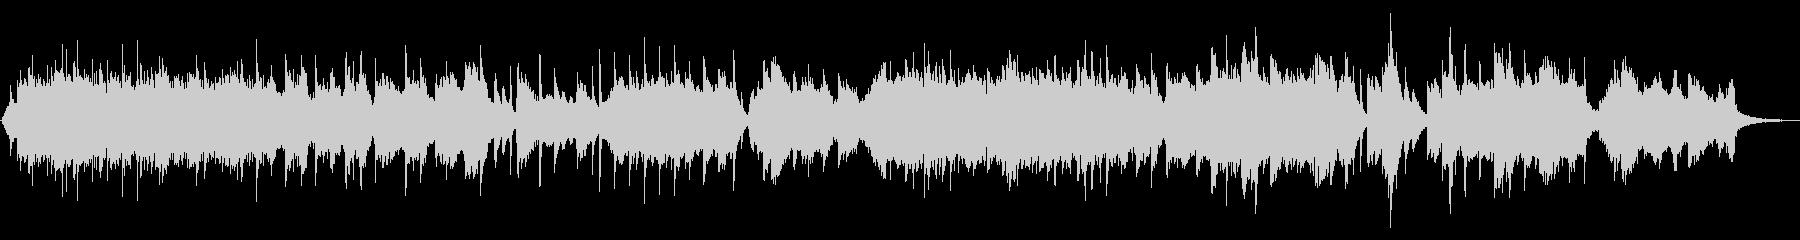 琴とシンセの音色に癒されるヒーリングの未再生の波形